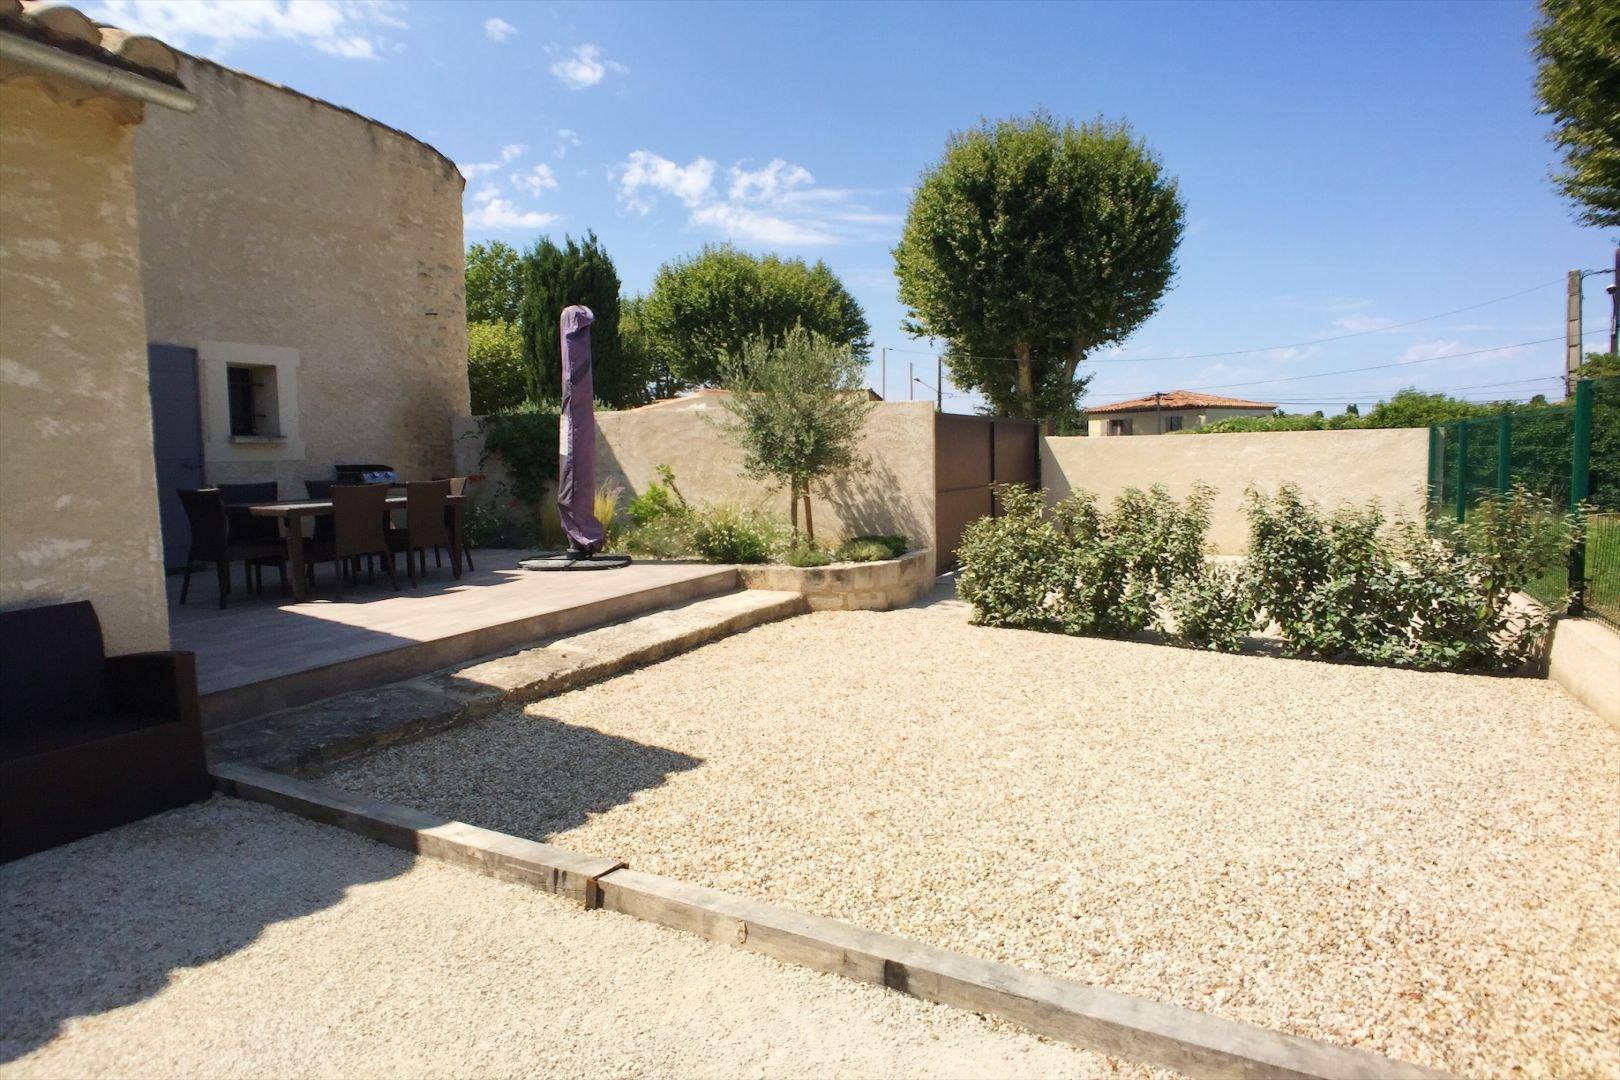 Location saisonnière Maison - Saint-Rémy-de-Provence